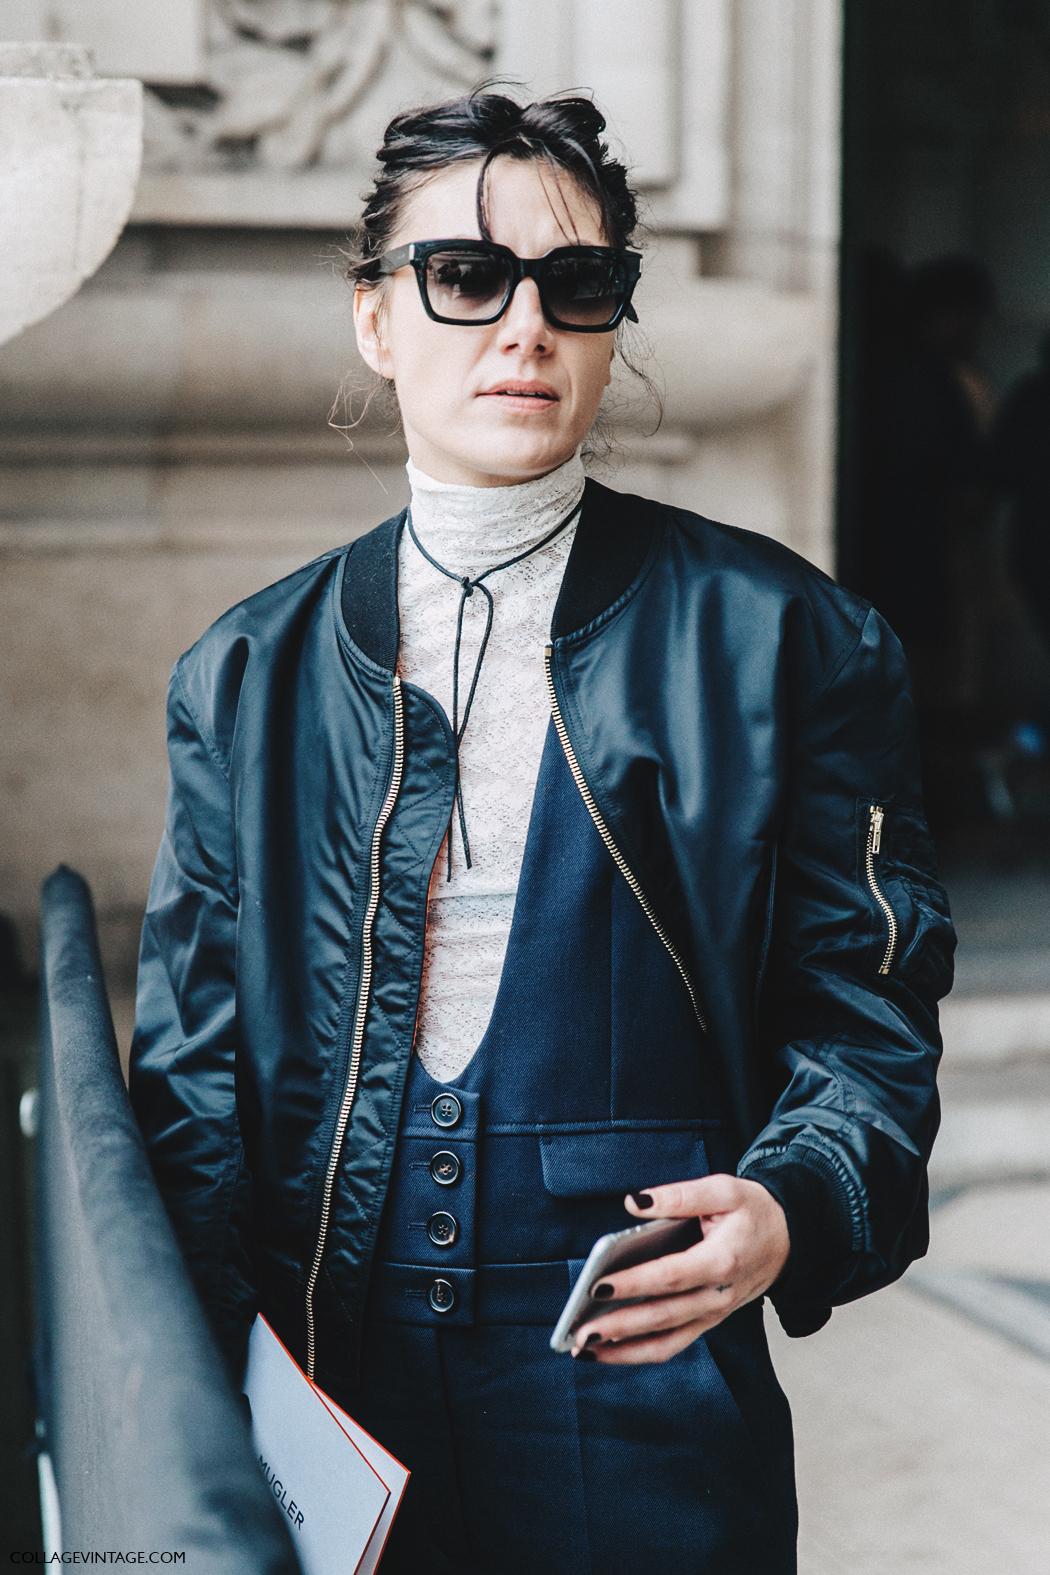 PFW-Paris_Fashion_Week_Fall_2016-Street_Style-Collage_Vintage-Sara_Marija_Saric-Bomber-Lace-